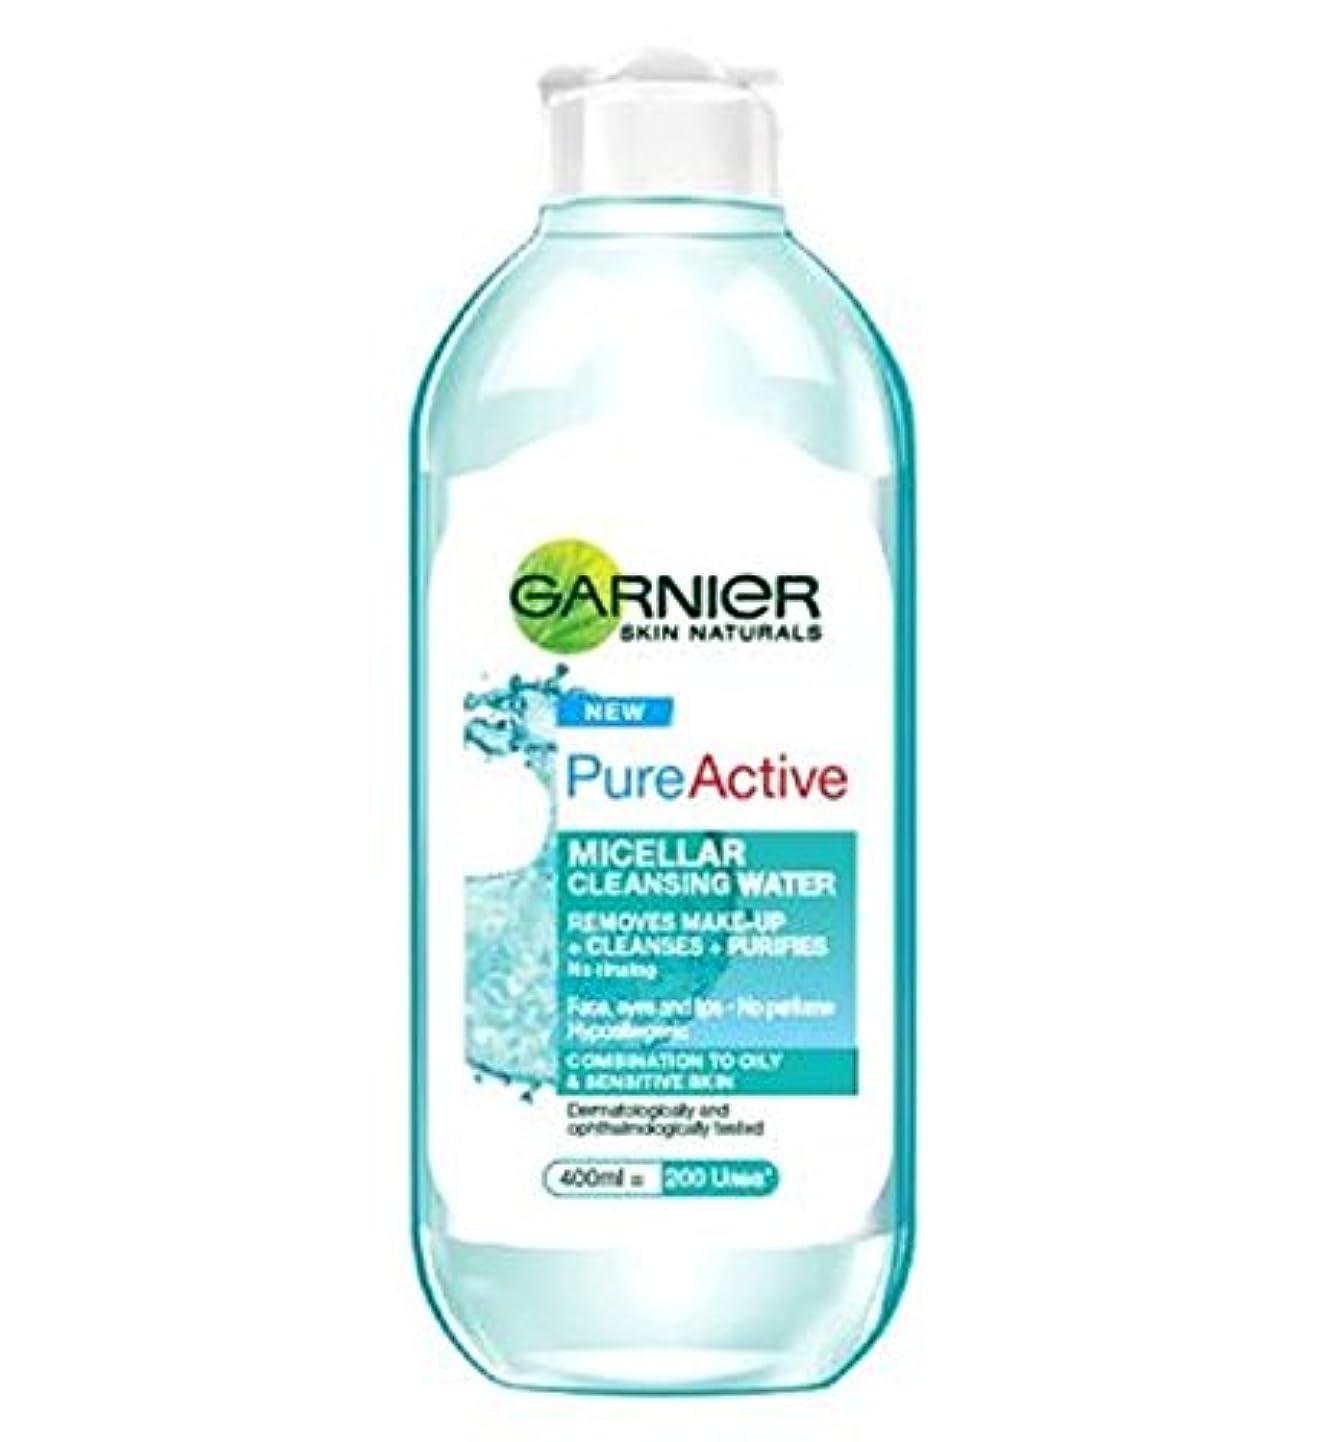 再生可能アイドル写真を撮るガルニエ純粋なミセル洗浄水400ミリリットル (Garnier) (x2) - Garnier Pure Micellar Cleansing Water 400ml (Pack of 2) [並行輸入品]